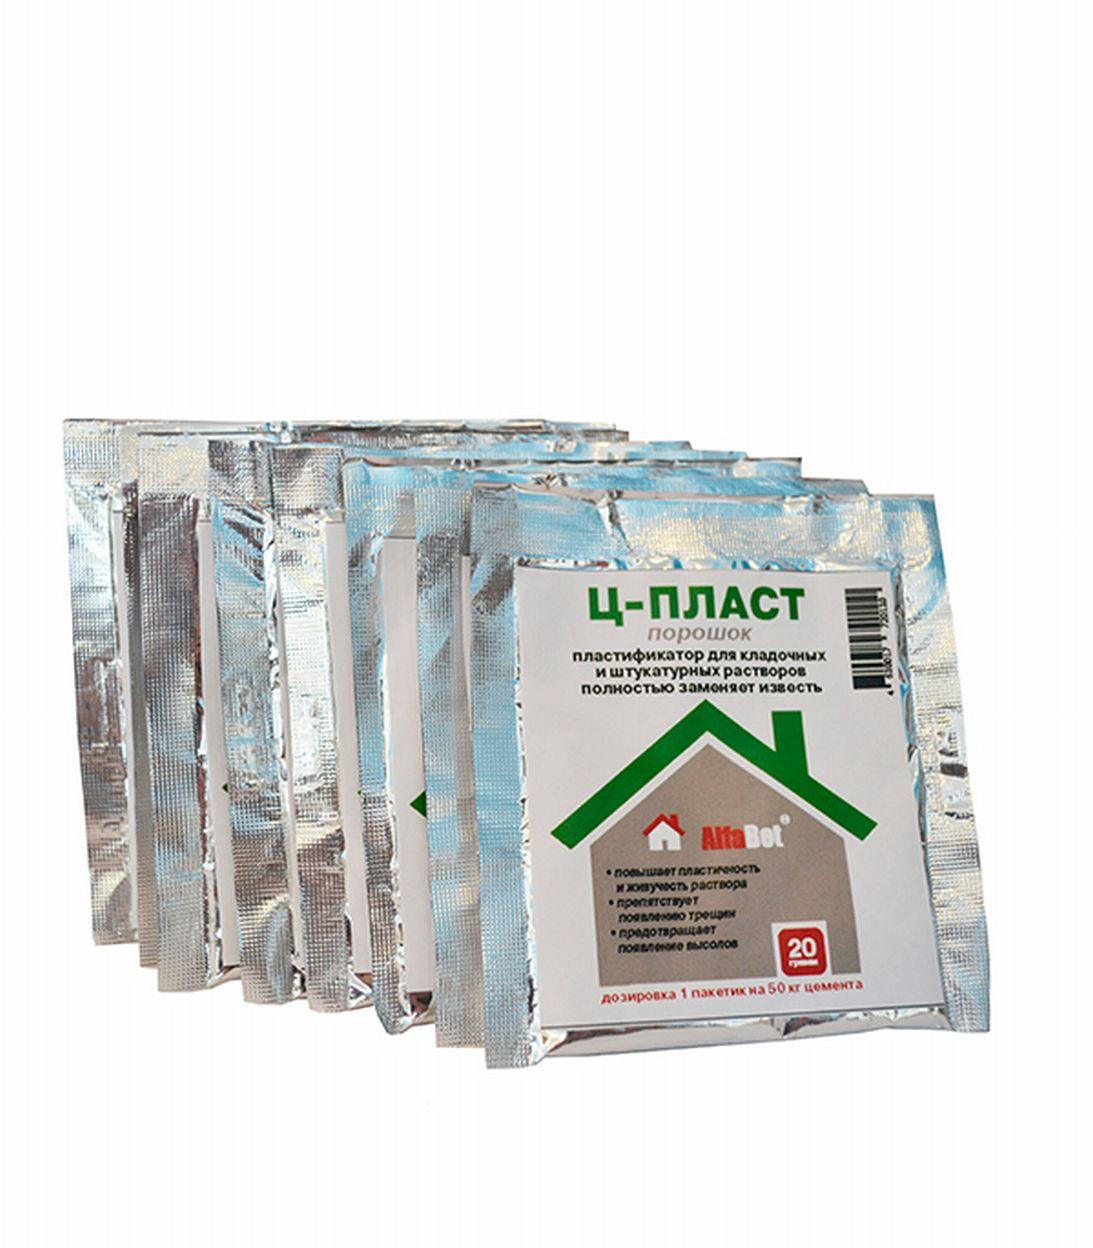 цена на Добавка для кладочных и штукатурных растворов Ц-Пласт Альфабетон порошок, упаковка 10 пакетов